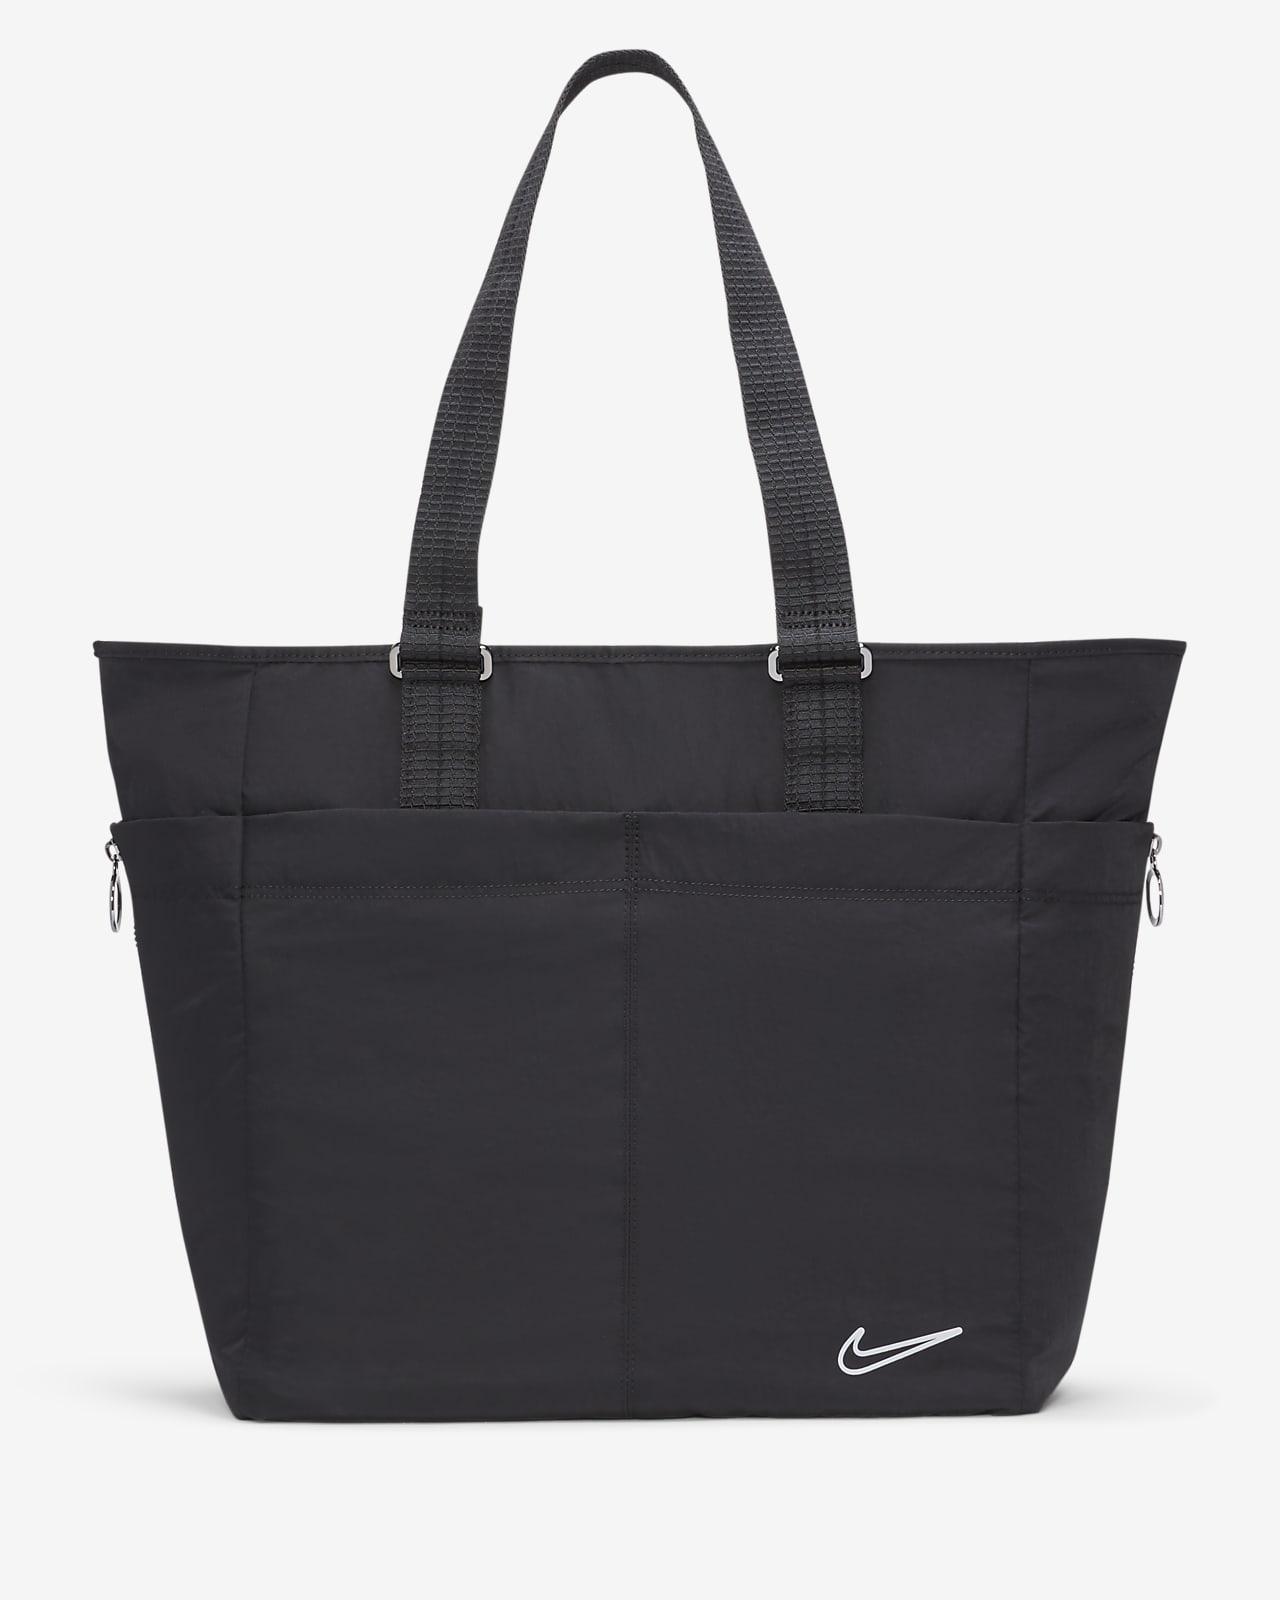 Dámská tréninková taška Nike One Luxe